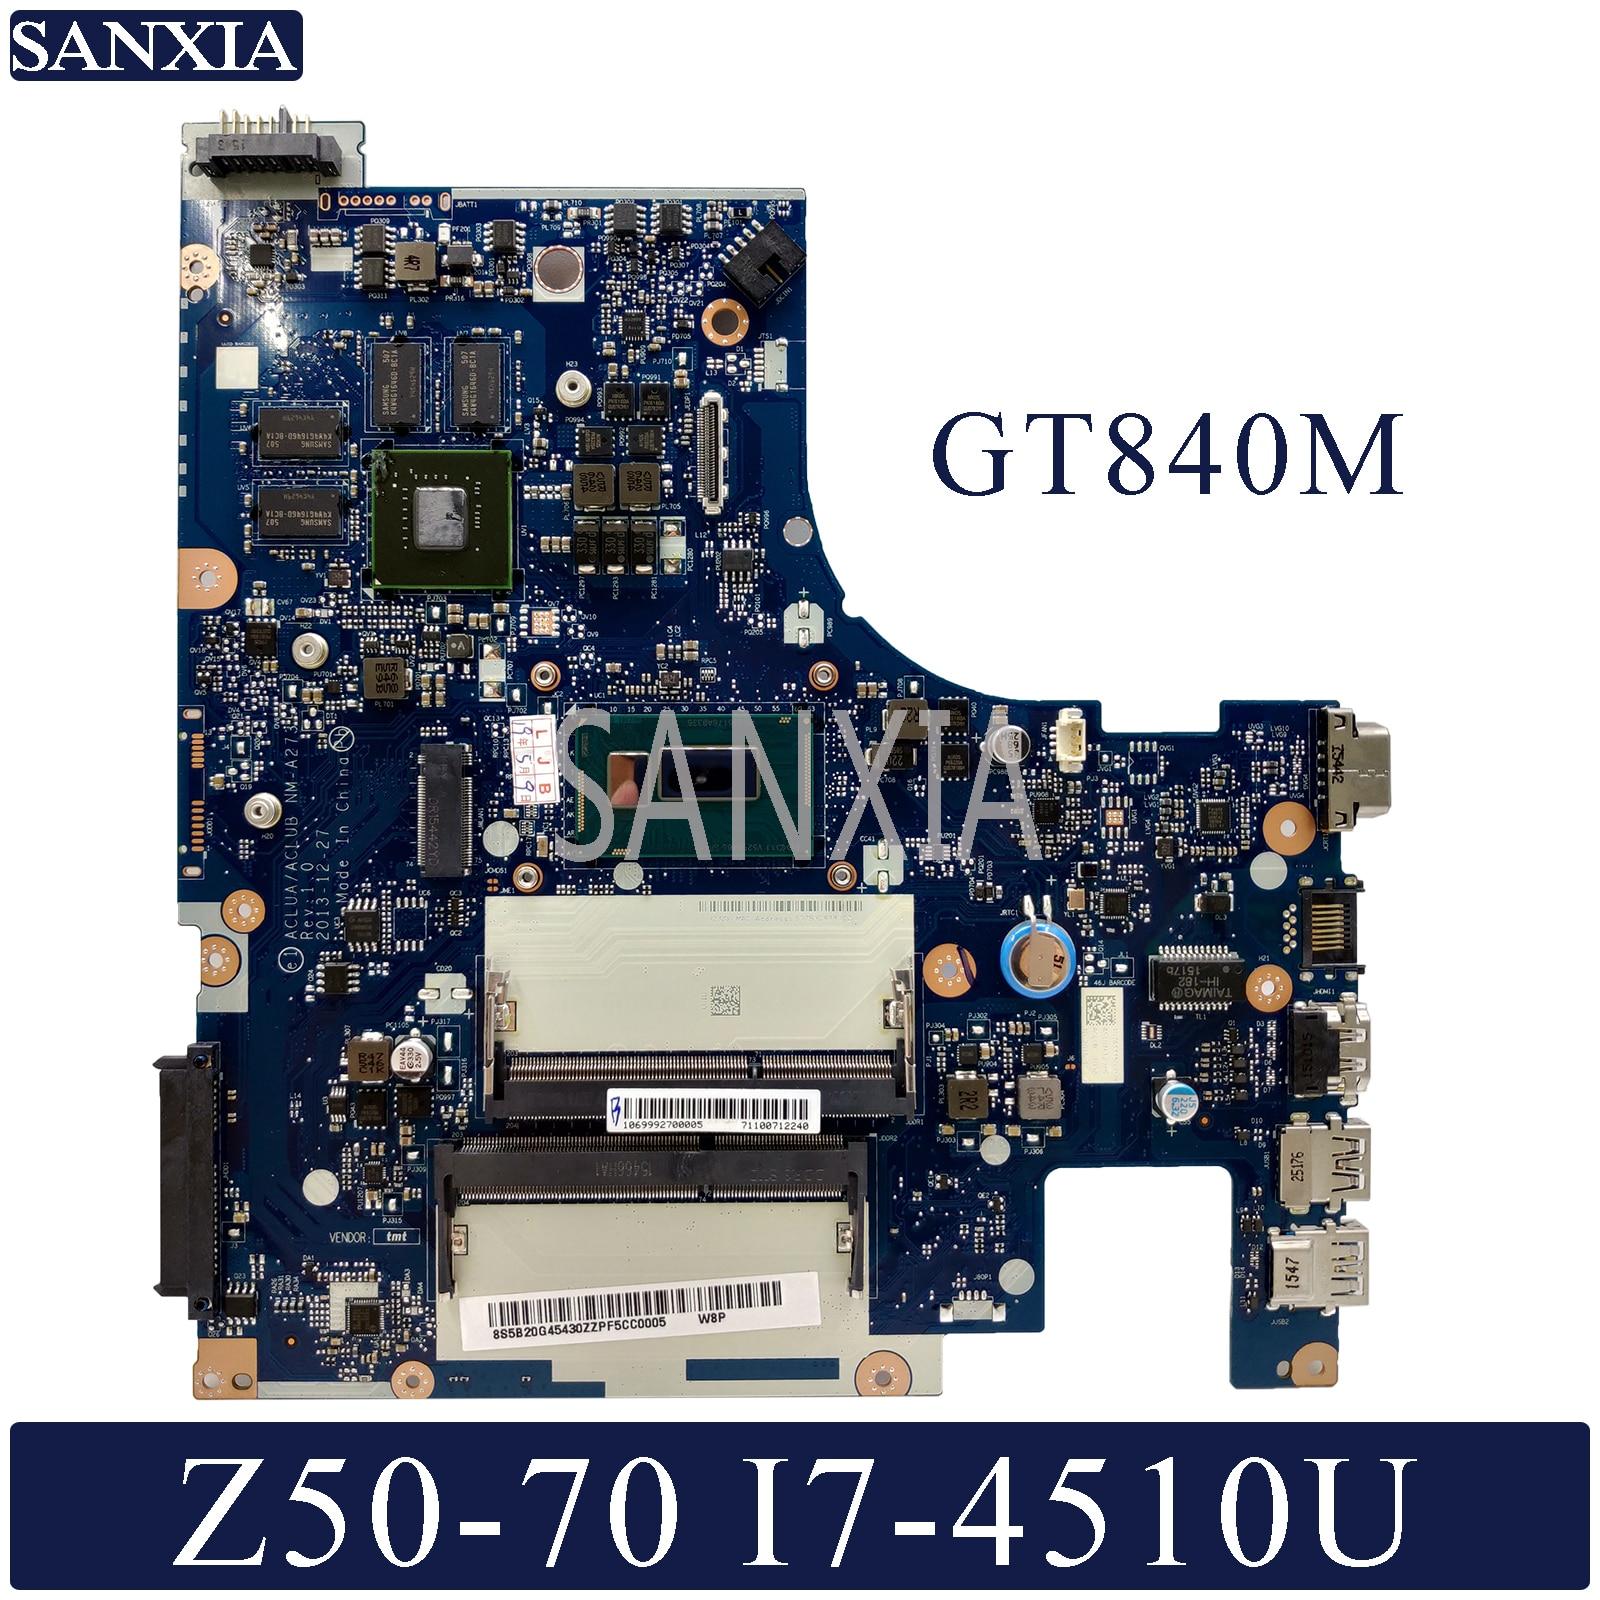 KEFU NM-A273 Laptop Motherboard For Lenovo Z50-70 Test Original Mainboard I7-4510U GT840M